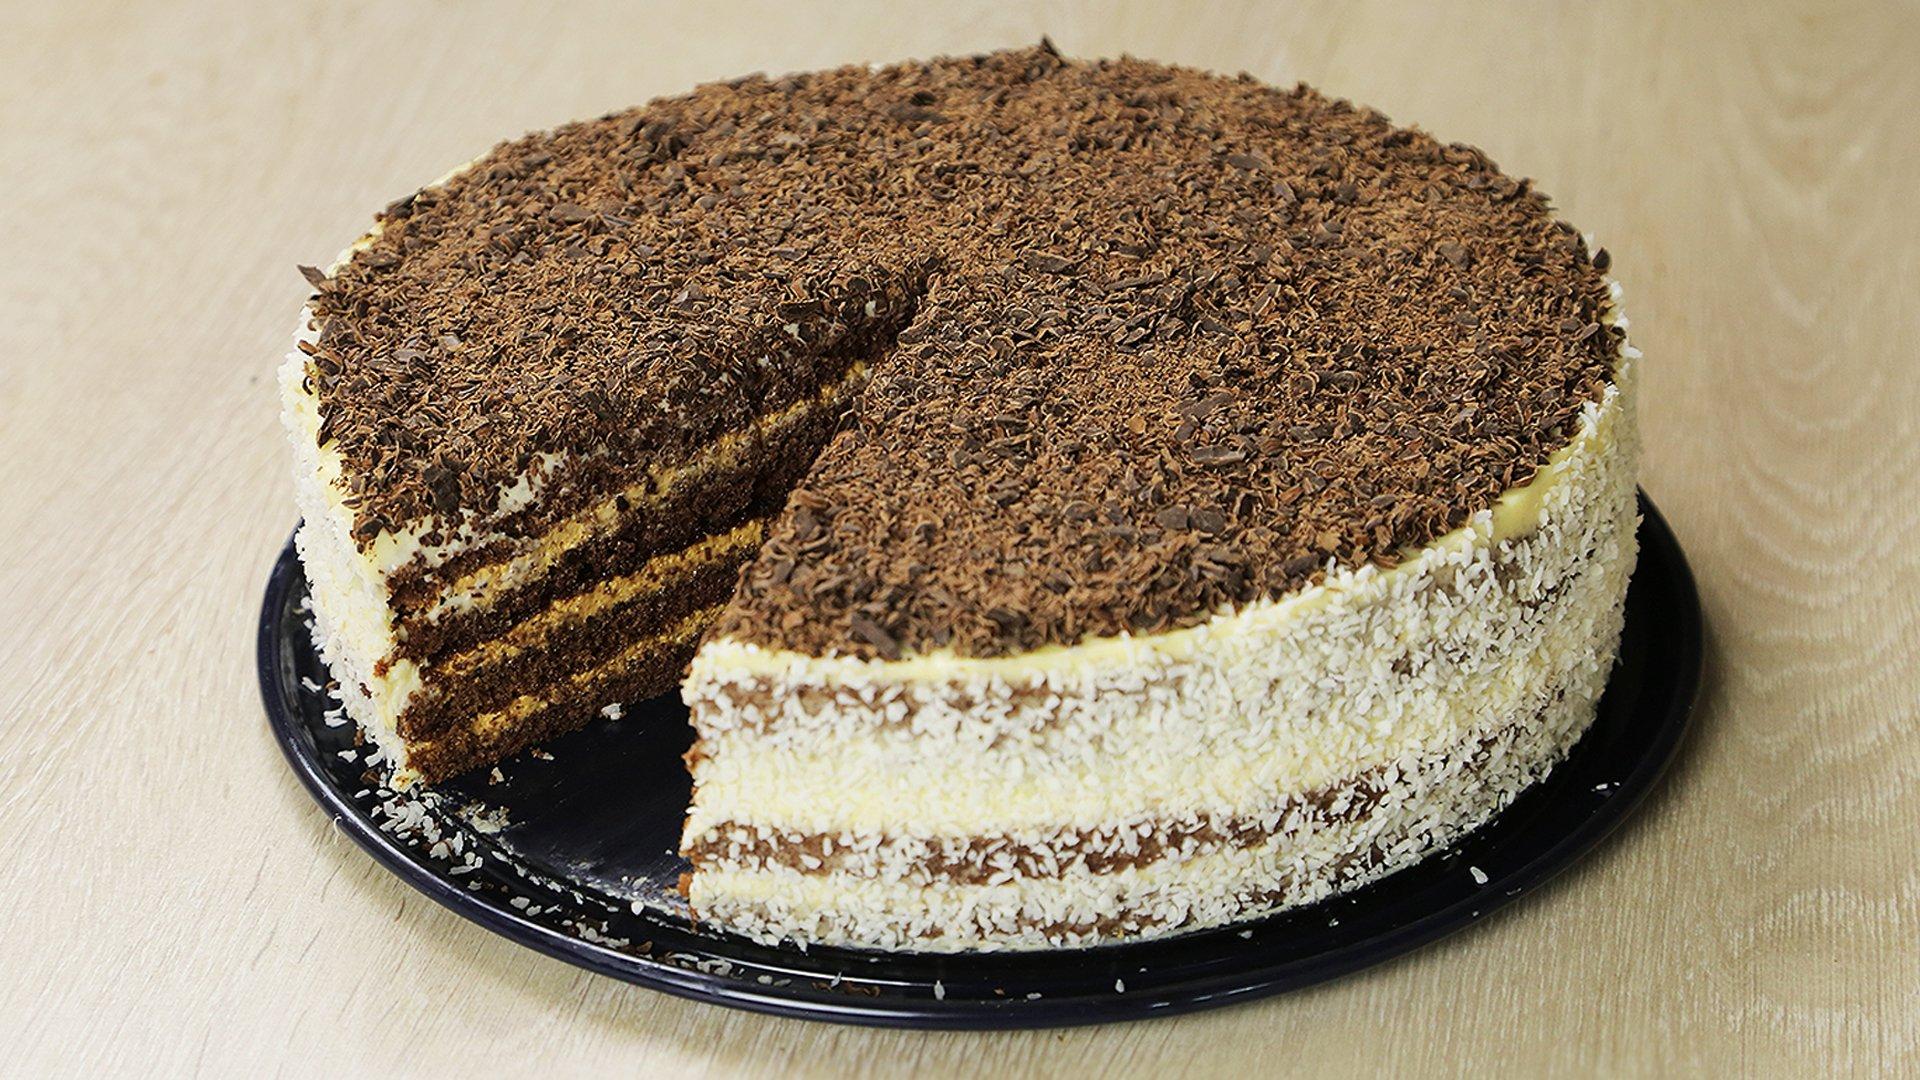 доставку любой самые легкие торты рецепты с фото рисом, приготовленные сметанном